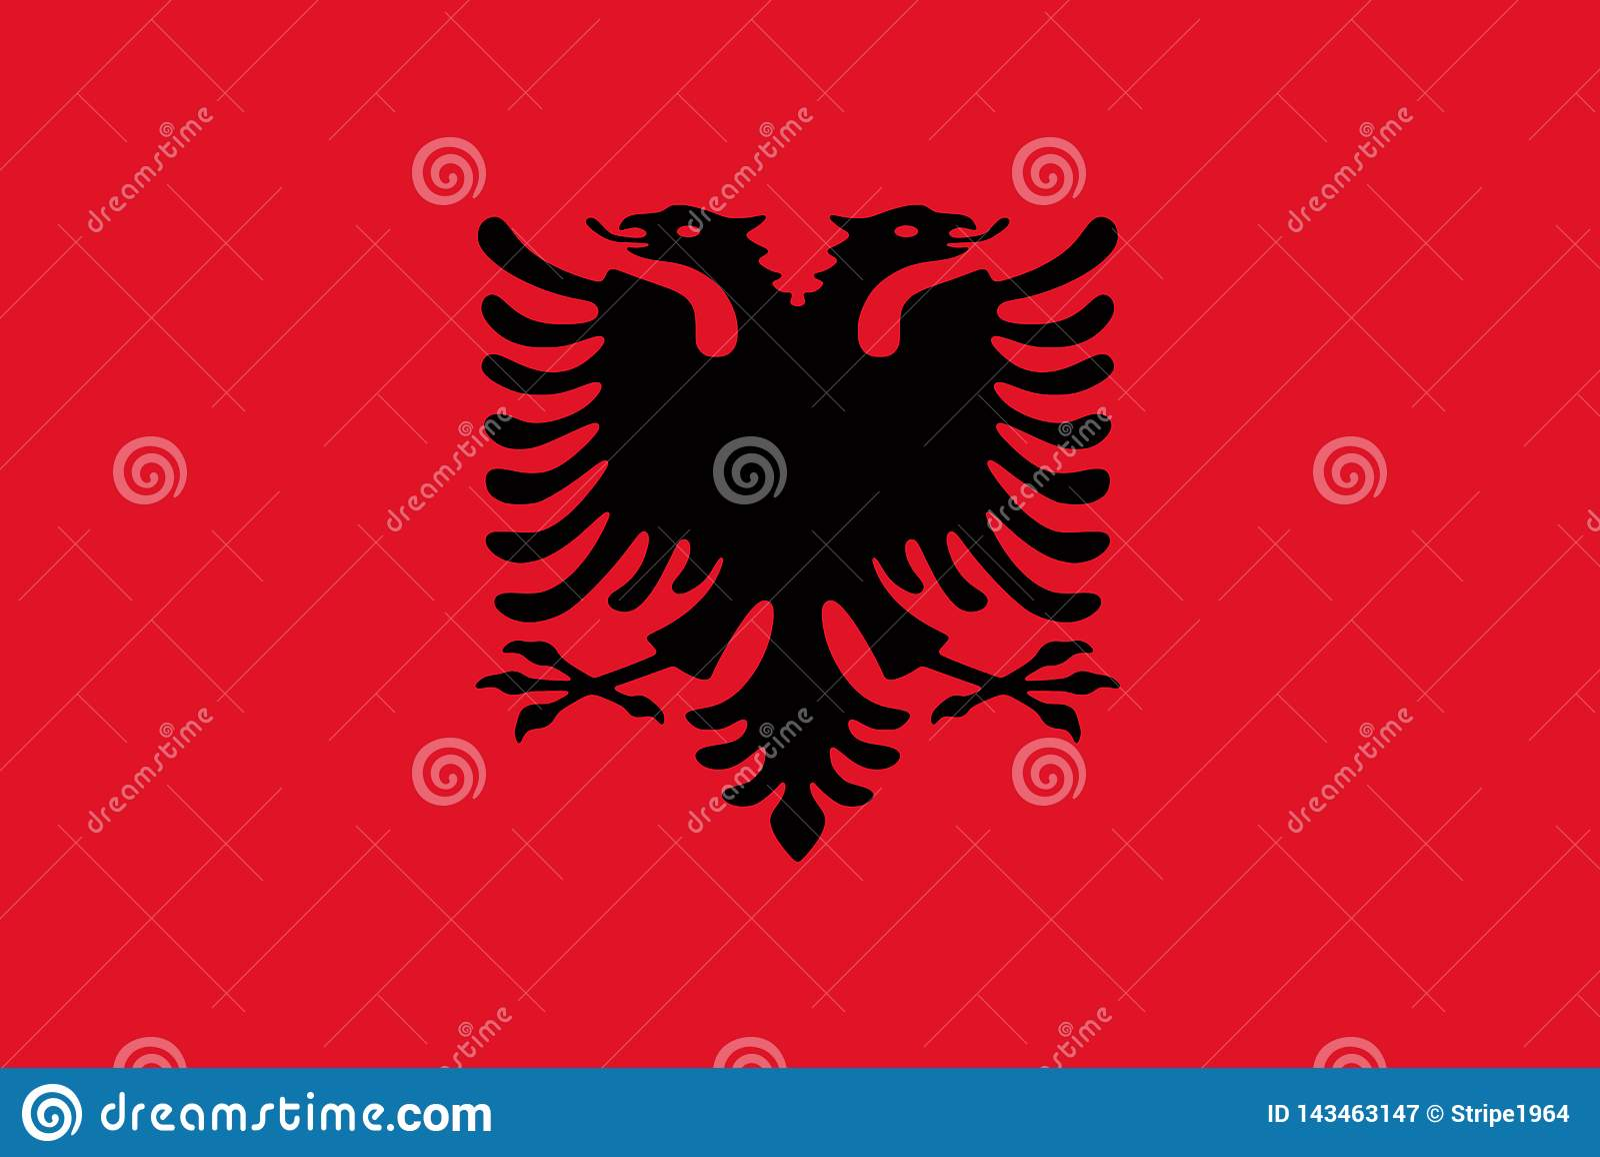 Flag of Albania background illustration large file